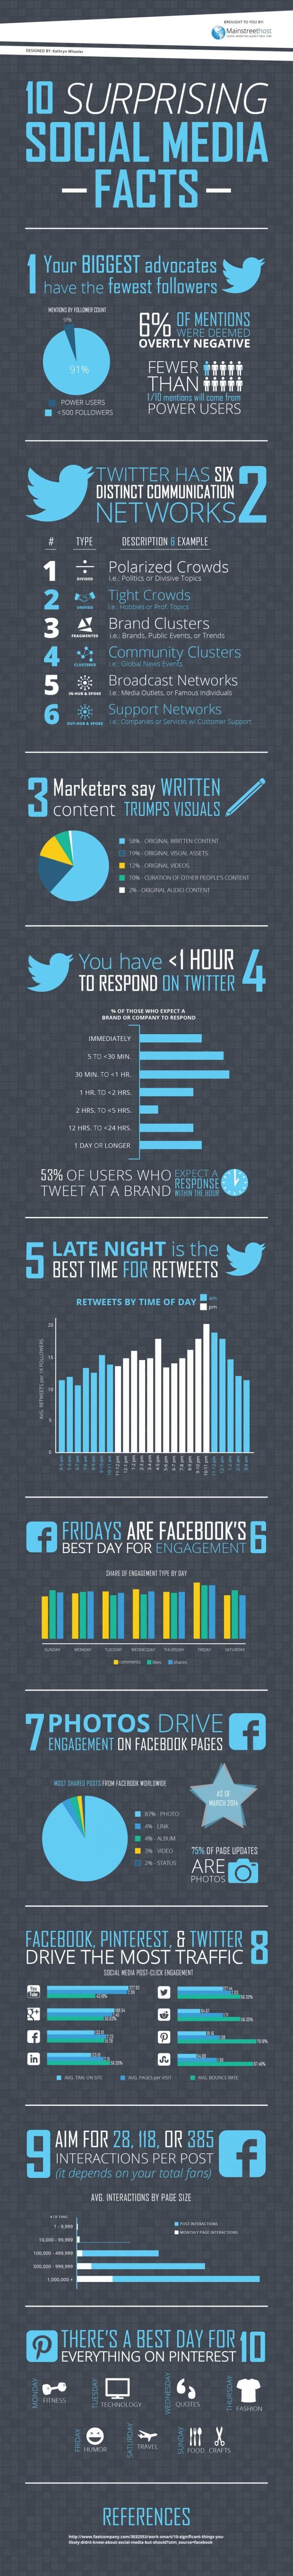 10-surprising-social-media-facts